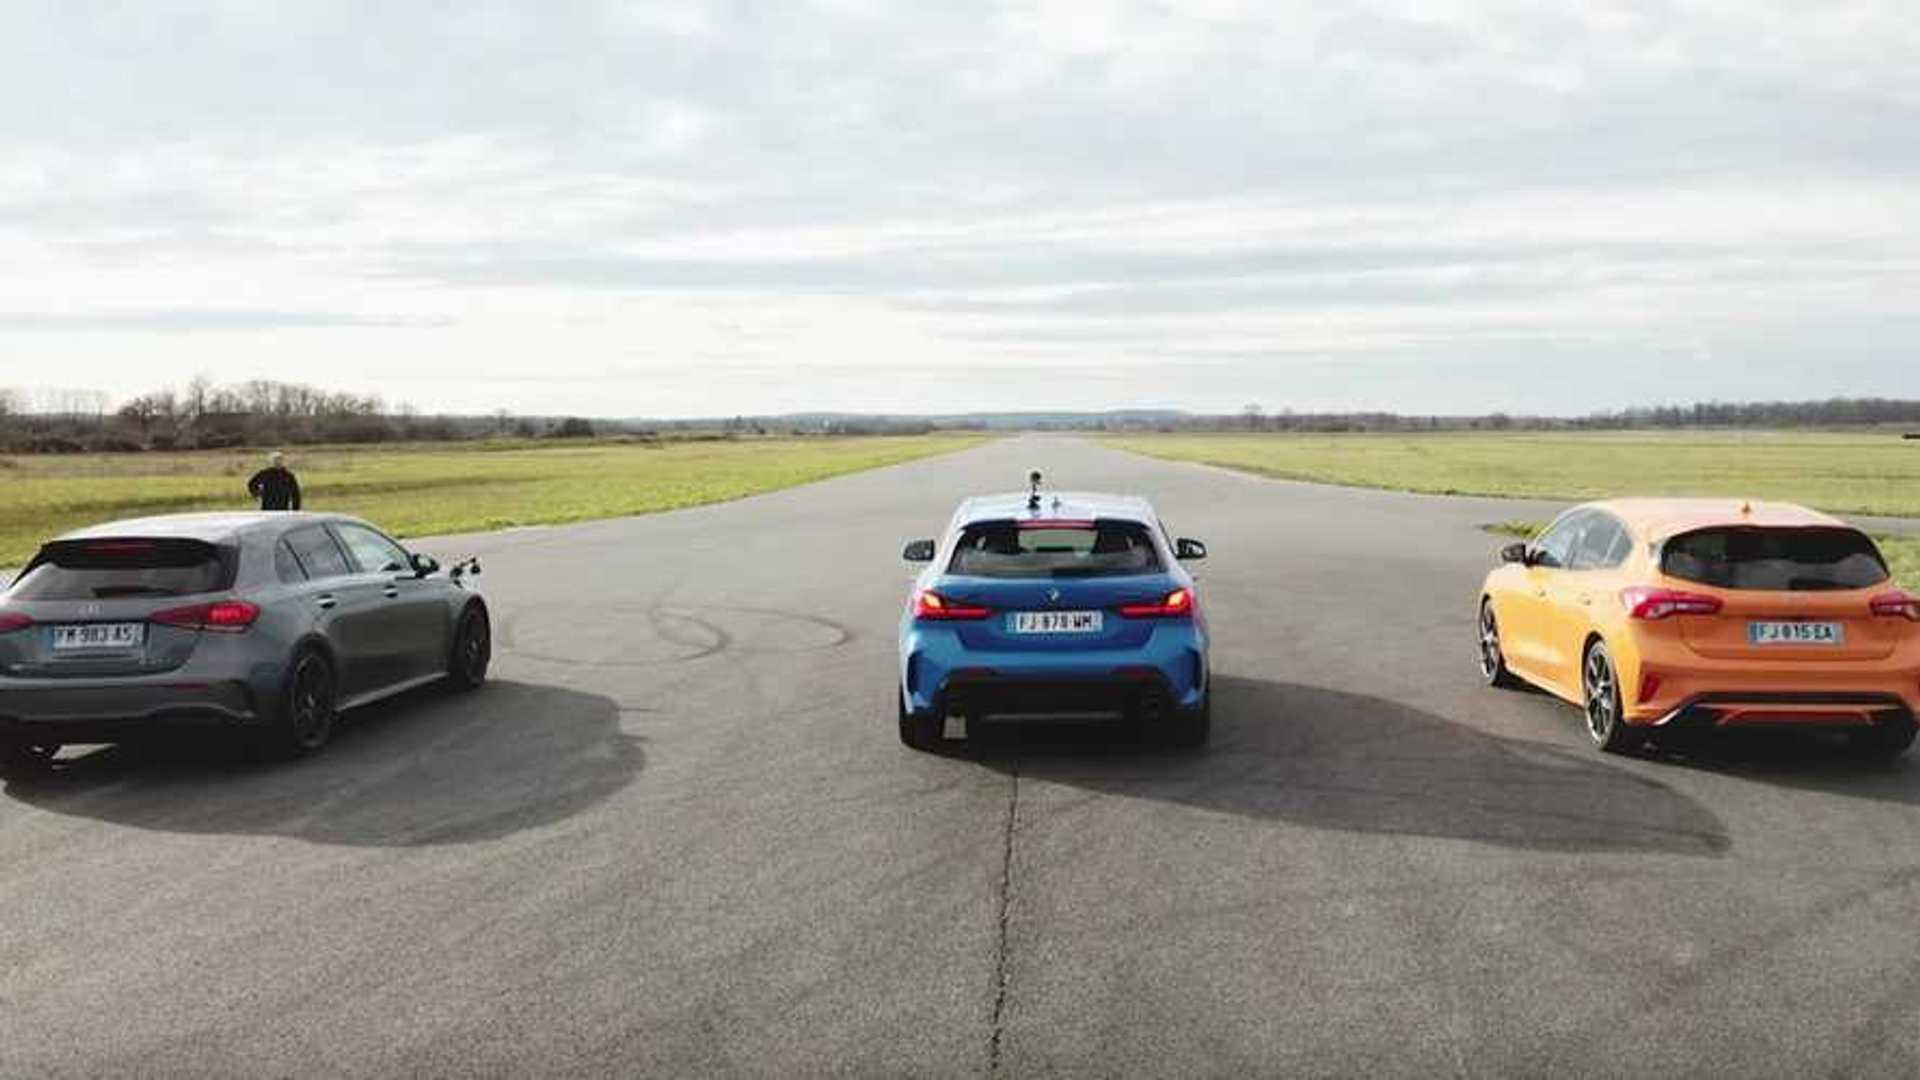 Can The Focus ST Keep Up With AMG A45 S And M135i In A Drag Race?